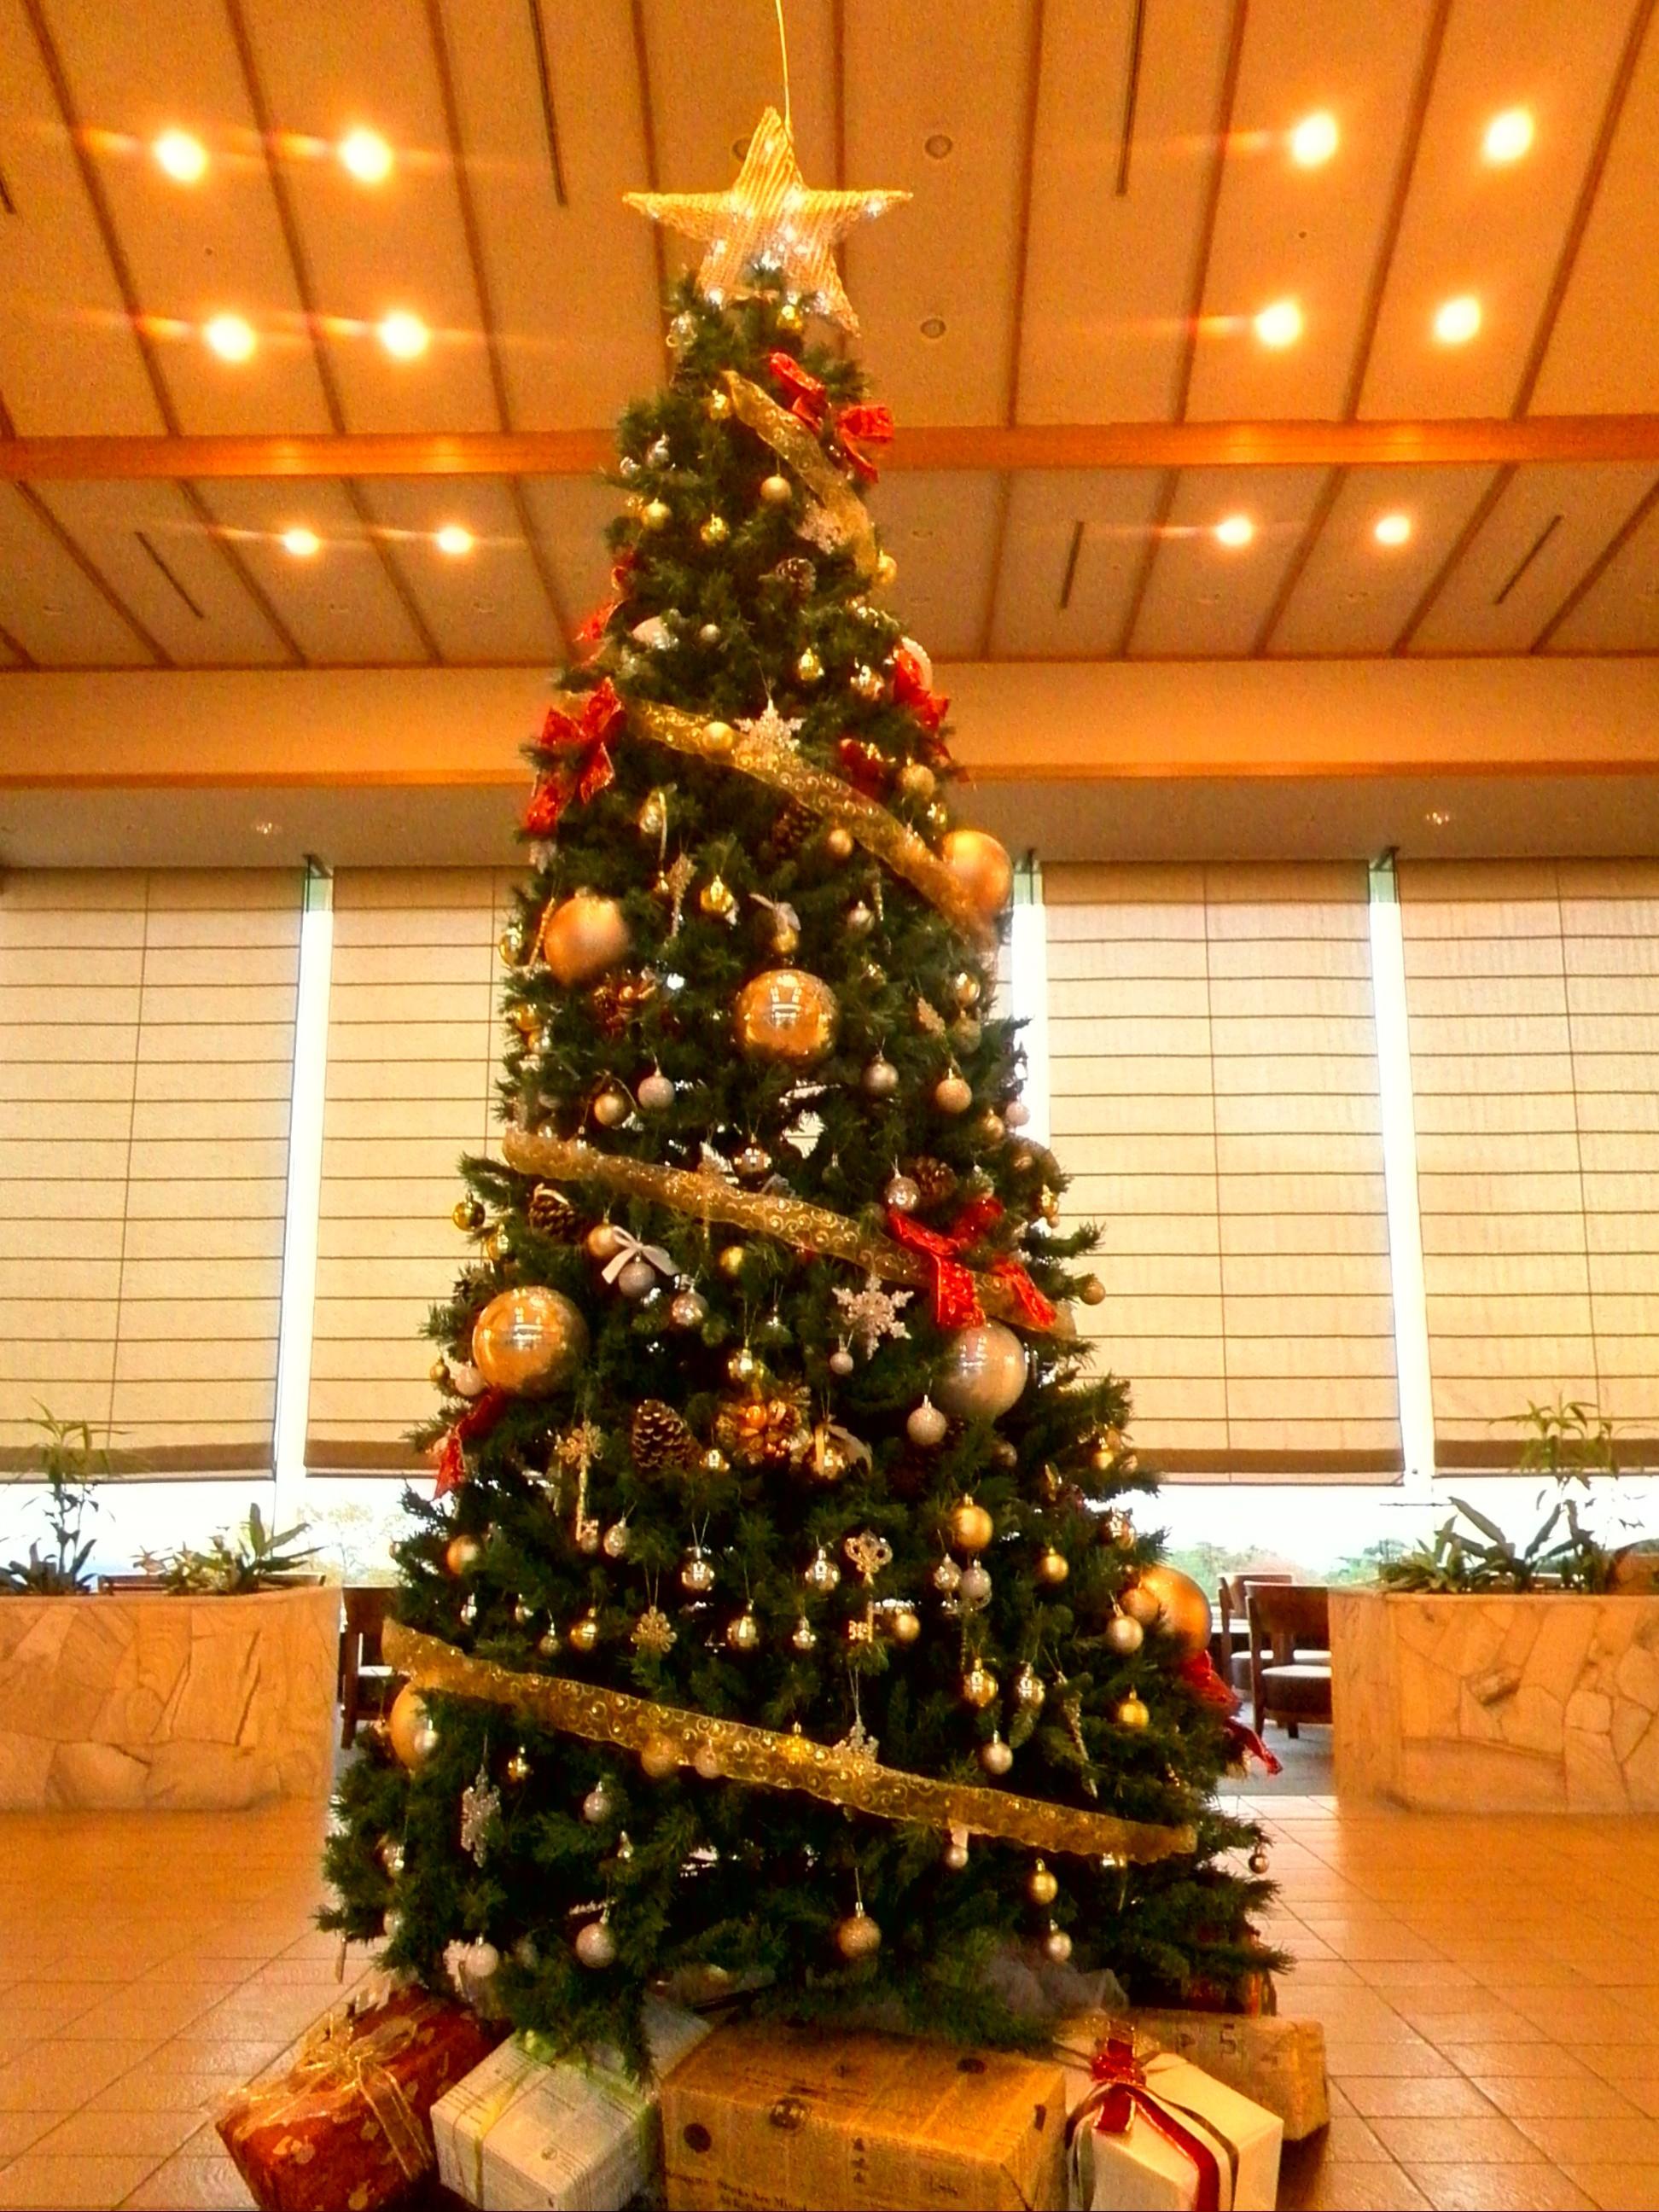 高原リゾートで過ごすたいせつなクリスマス休暇